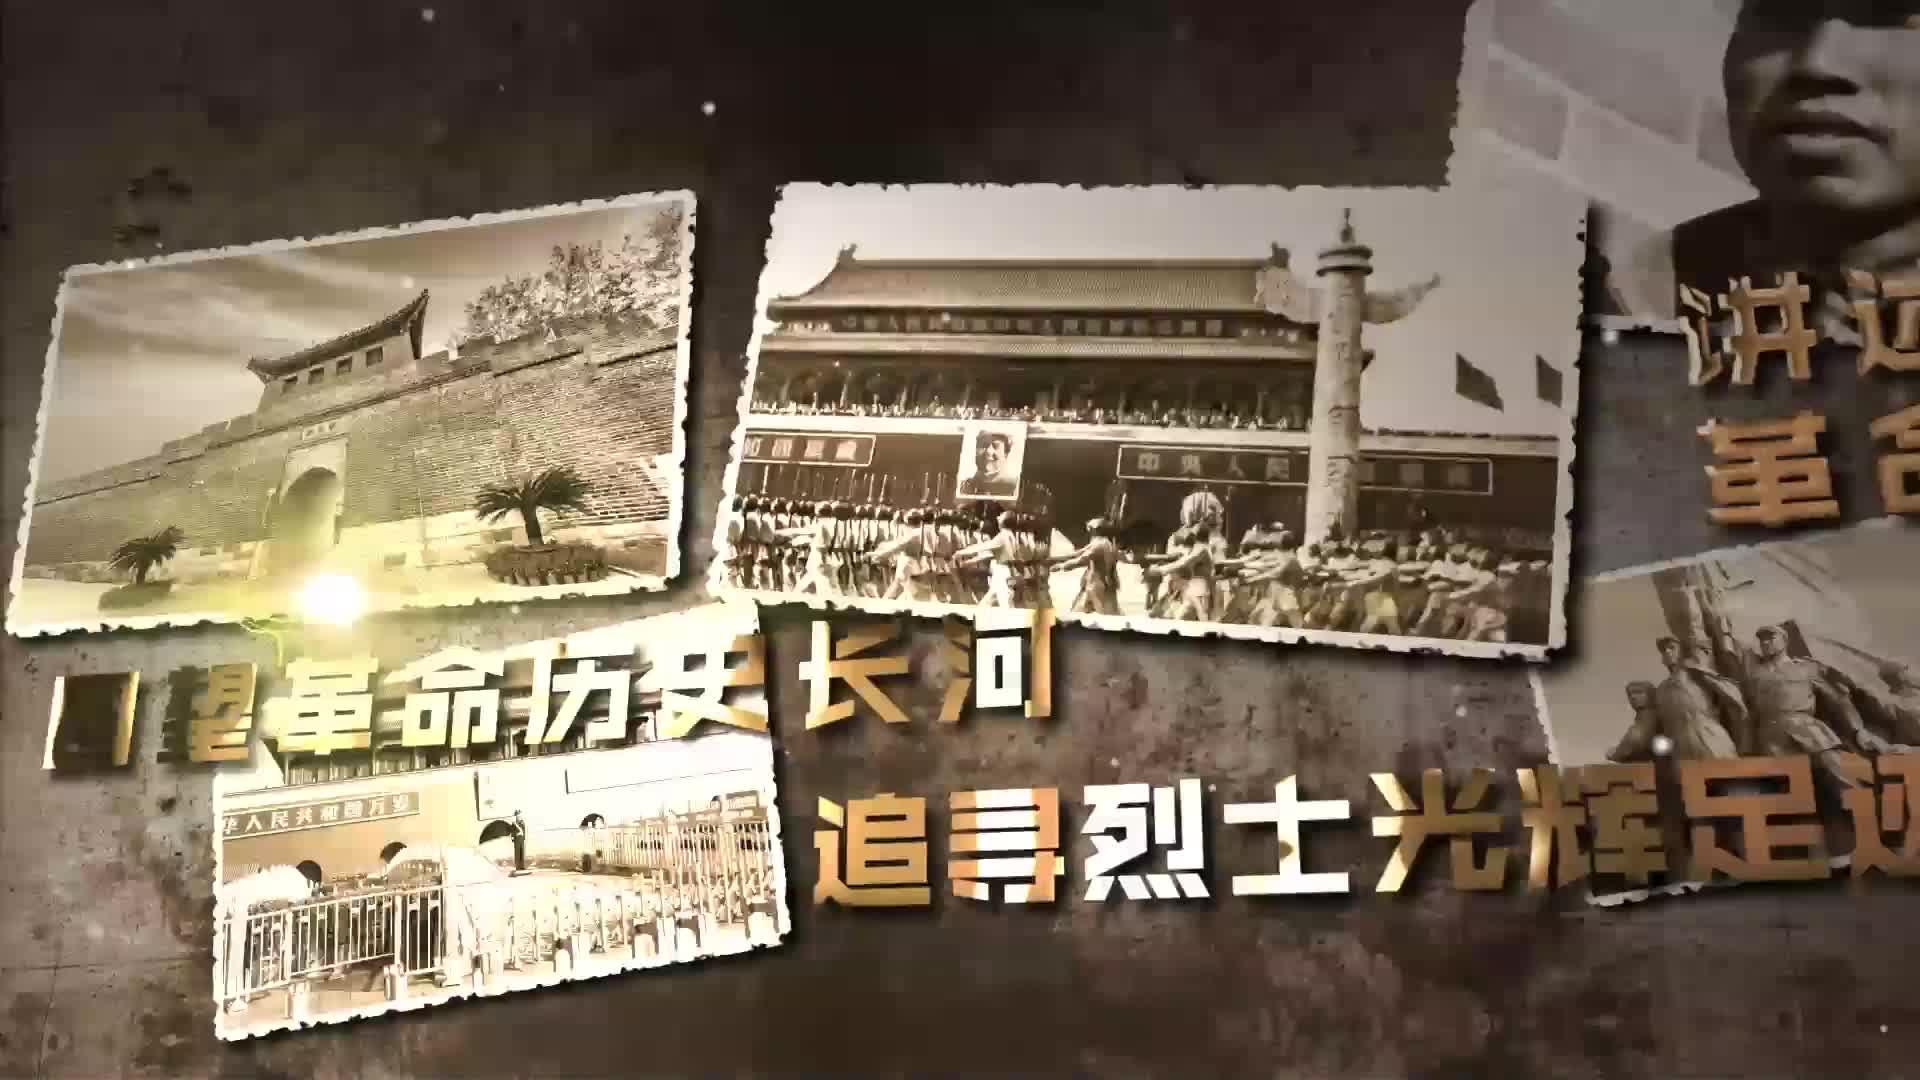 系列短视频《最是磨难砺初心》(四)罗学瓒:一腔热血洒忠魂